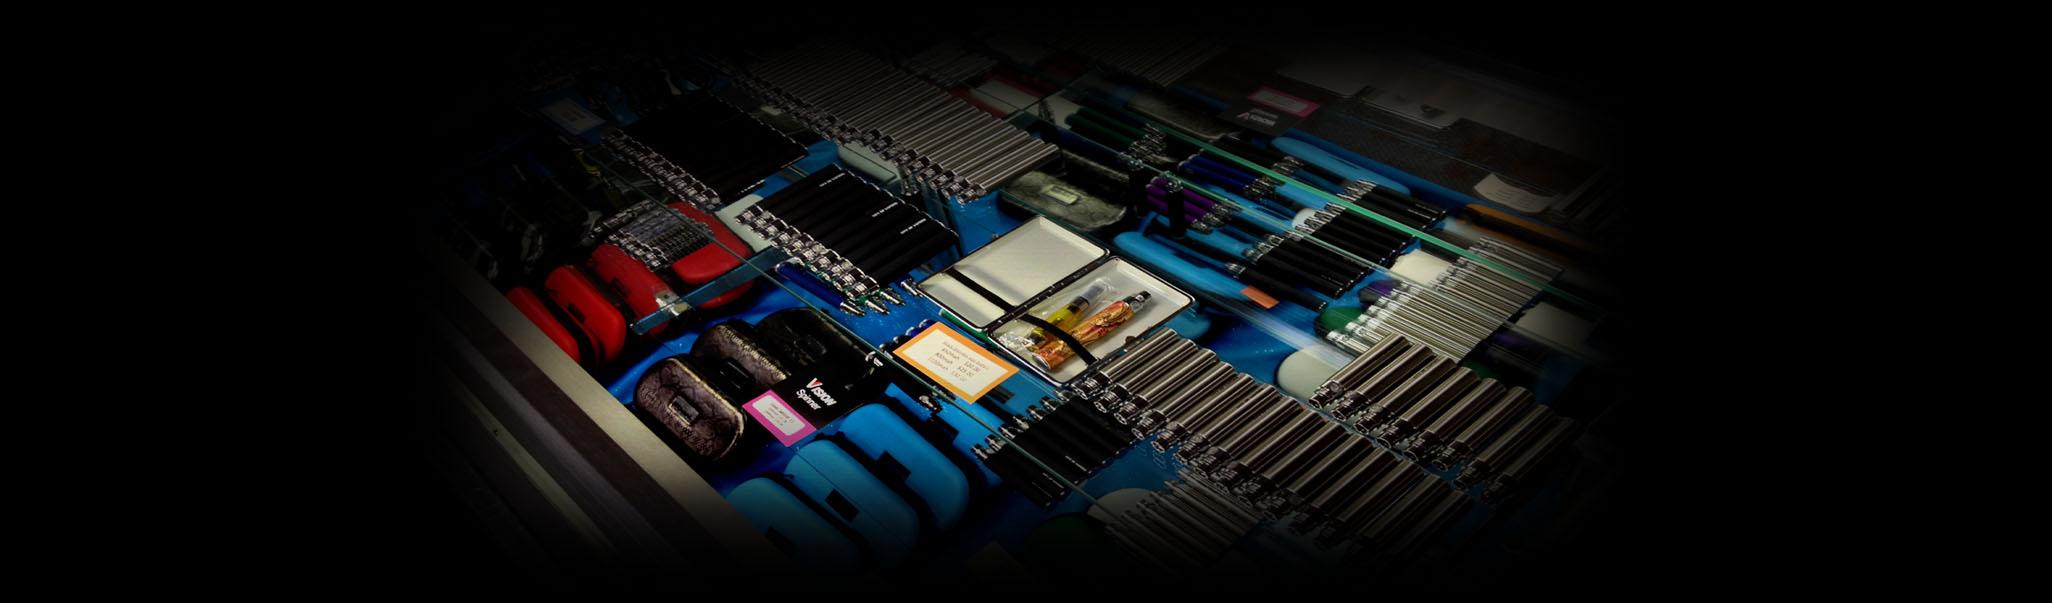 Blu cigs starter kit online